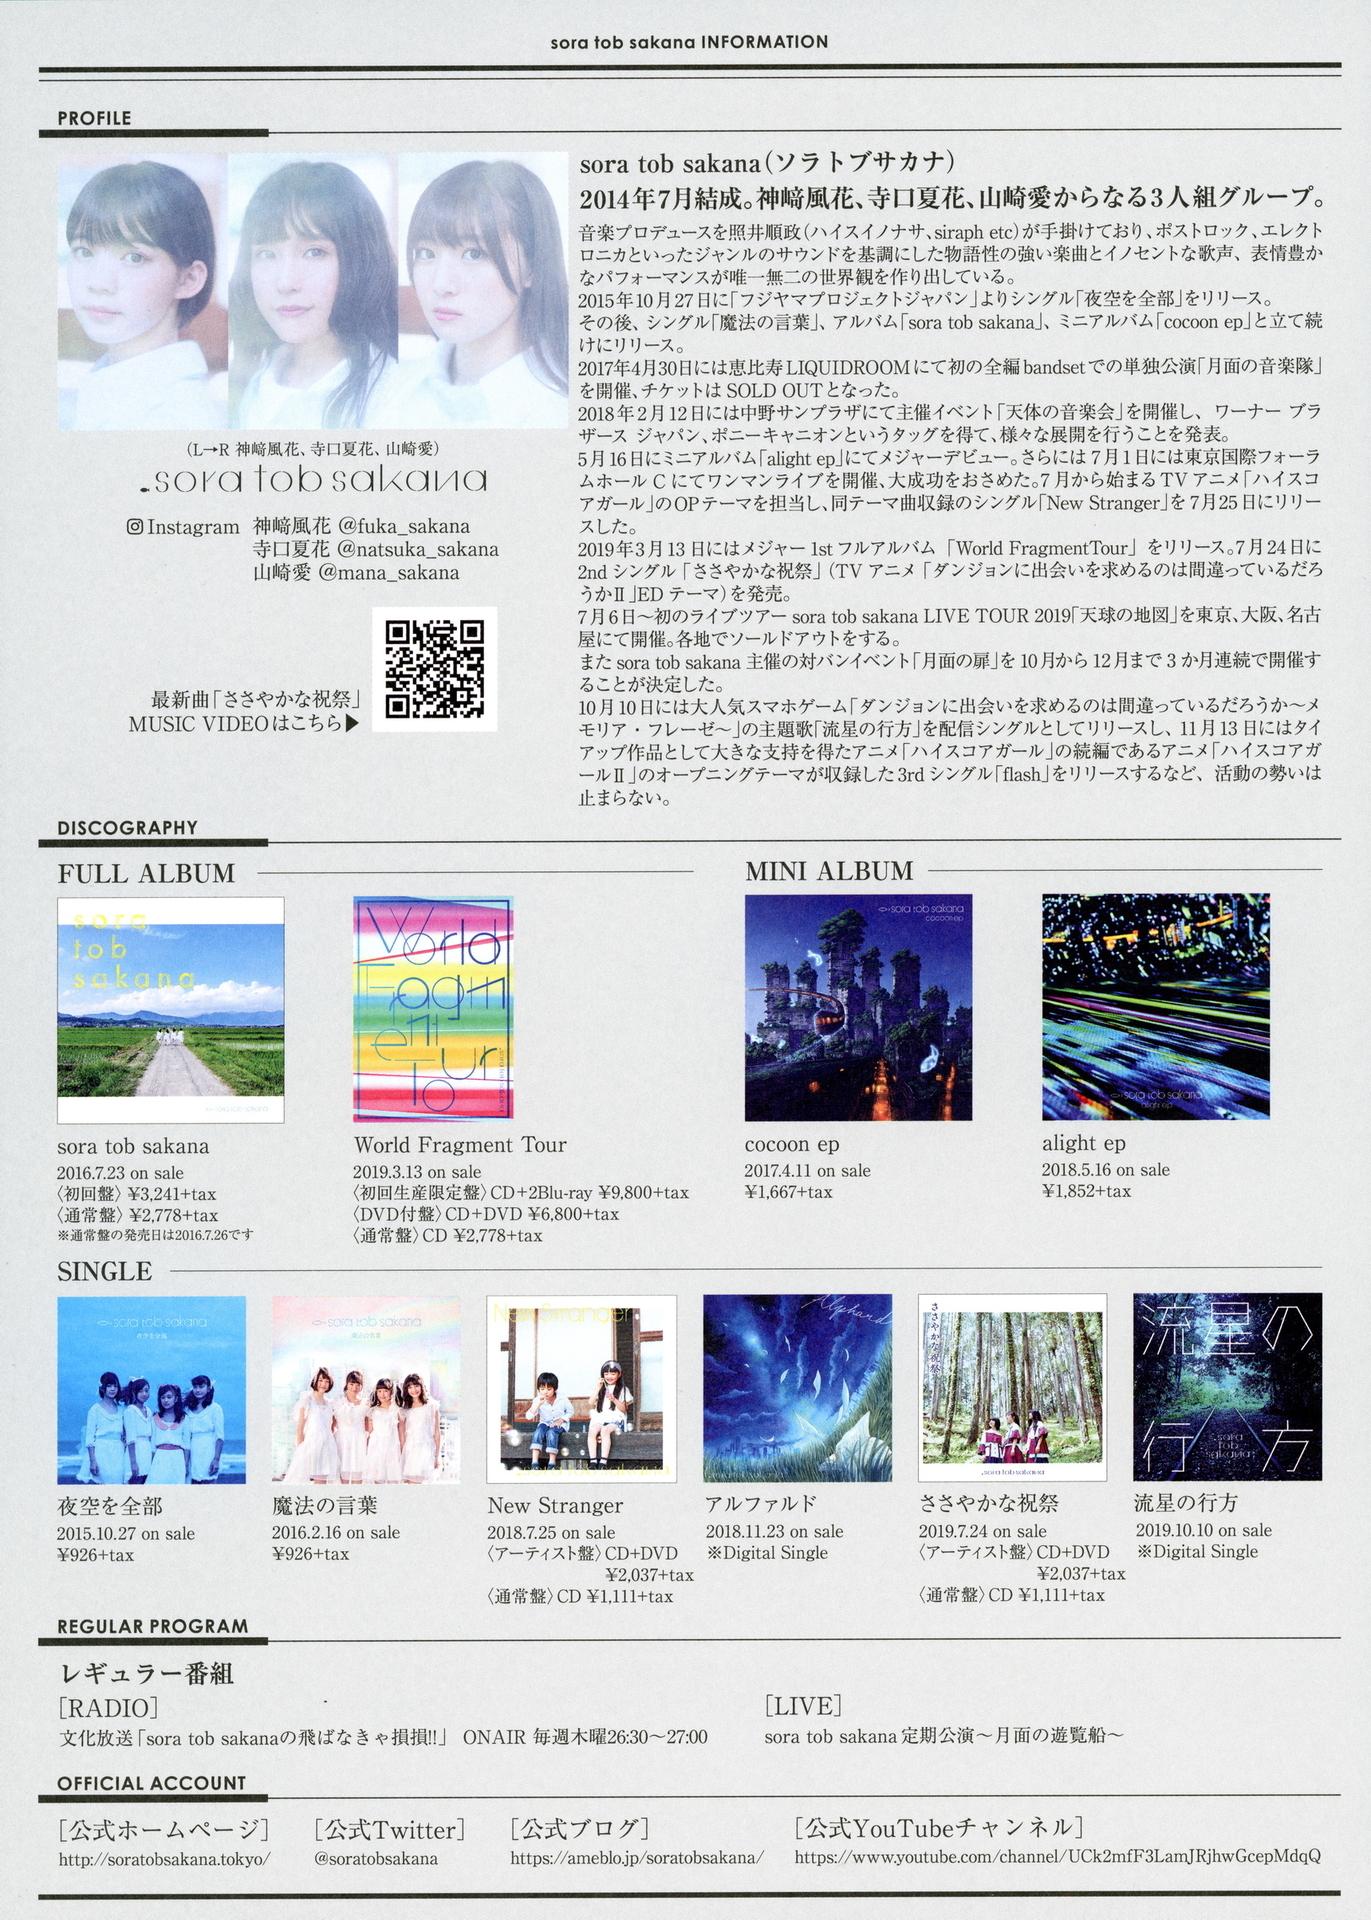 f:id:newsong:20191011004850j:plain